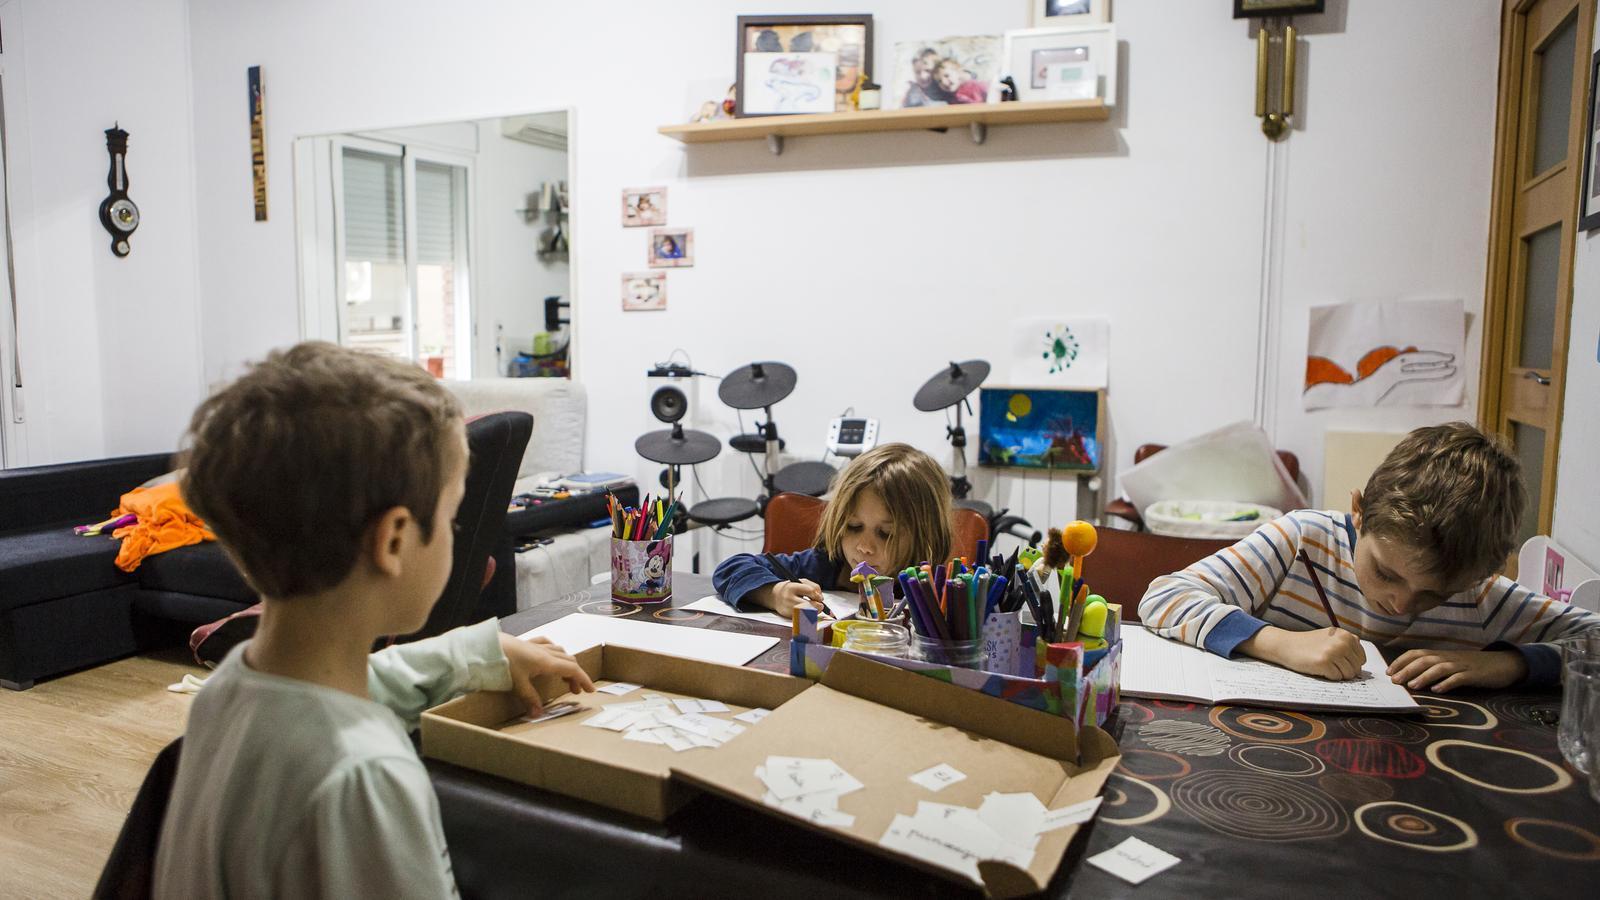 Uns nens de 5, 7 i 8 anys fent deures a casa